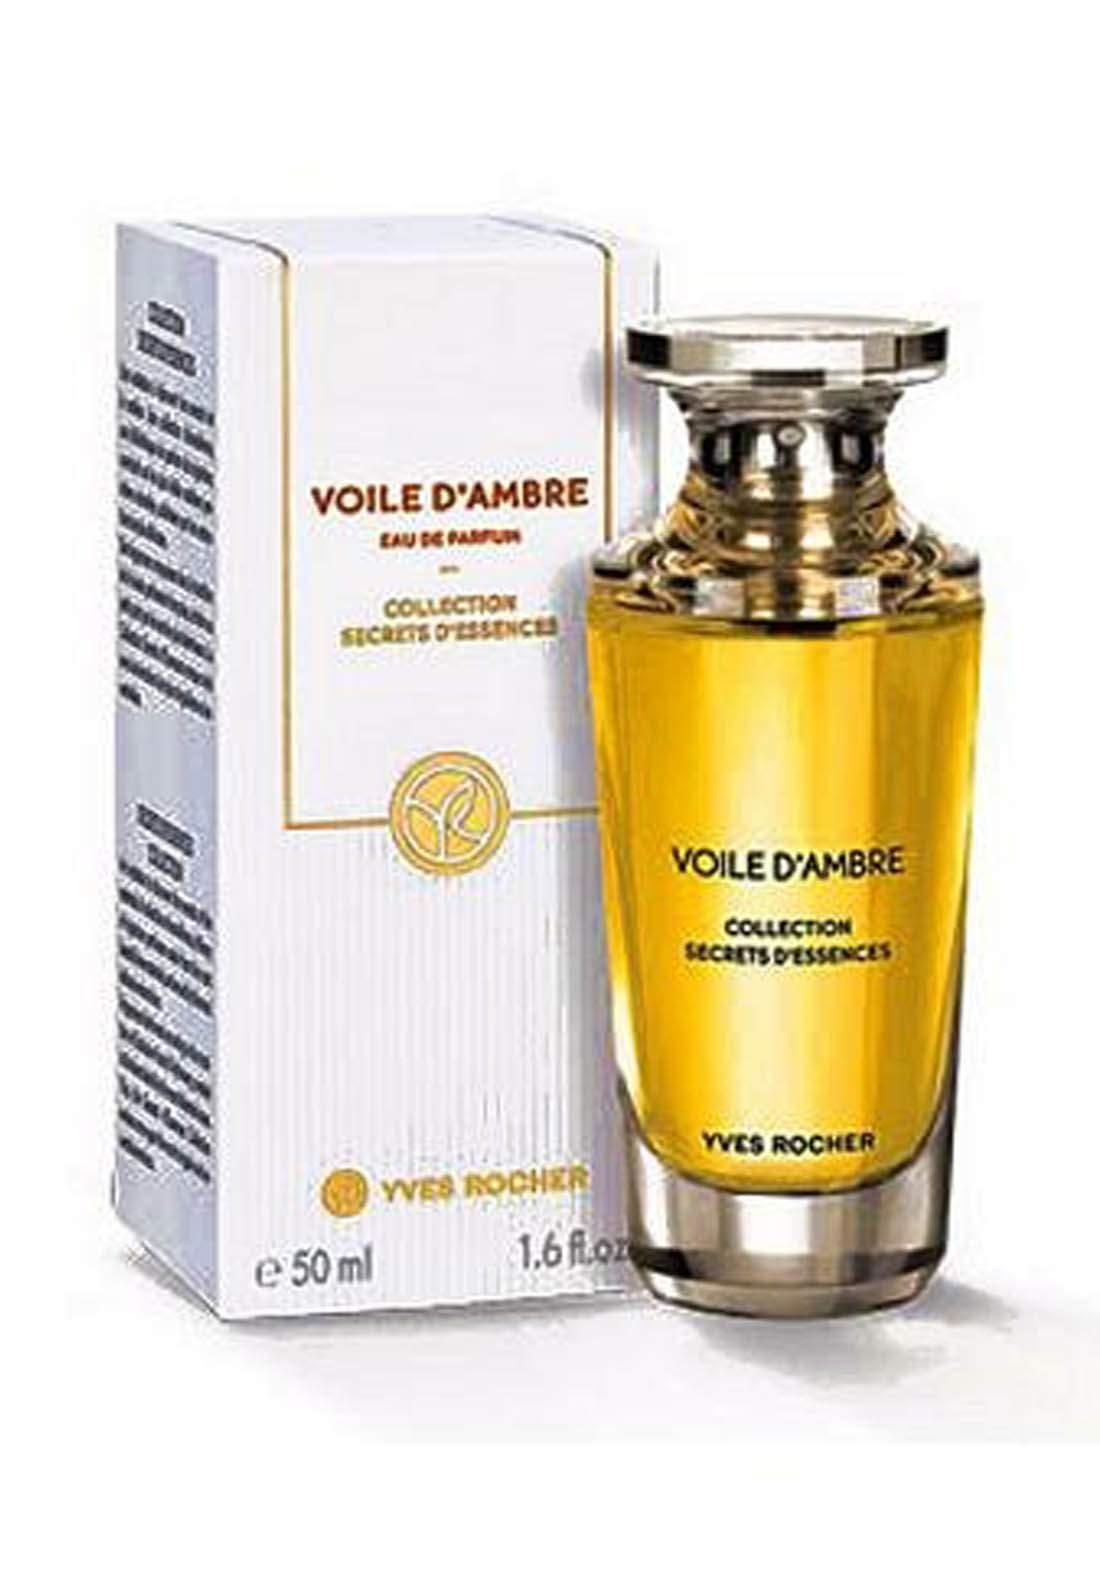 Yves Rocher 61693 Perfume Secrets D'essences Voile D'ambre For Women 50ml عطر نسائي